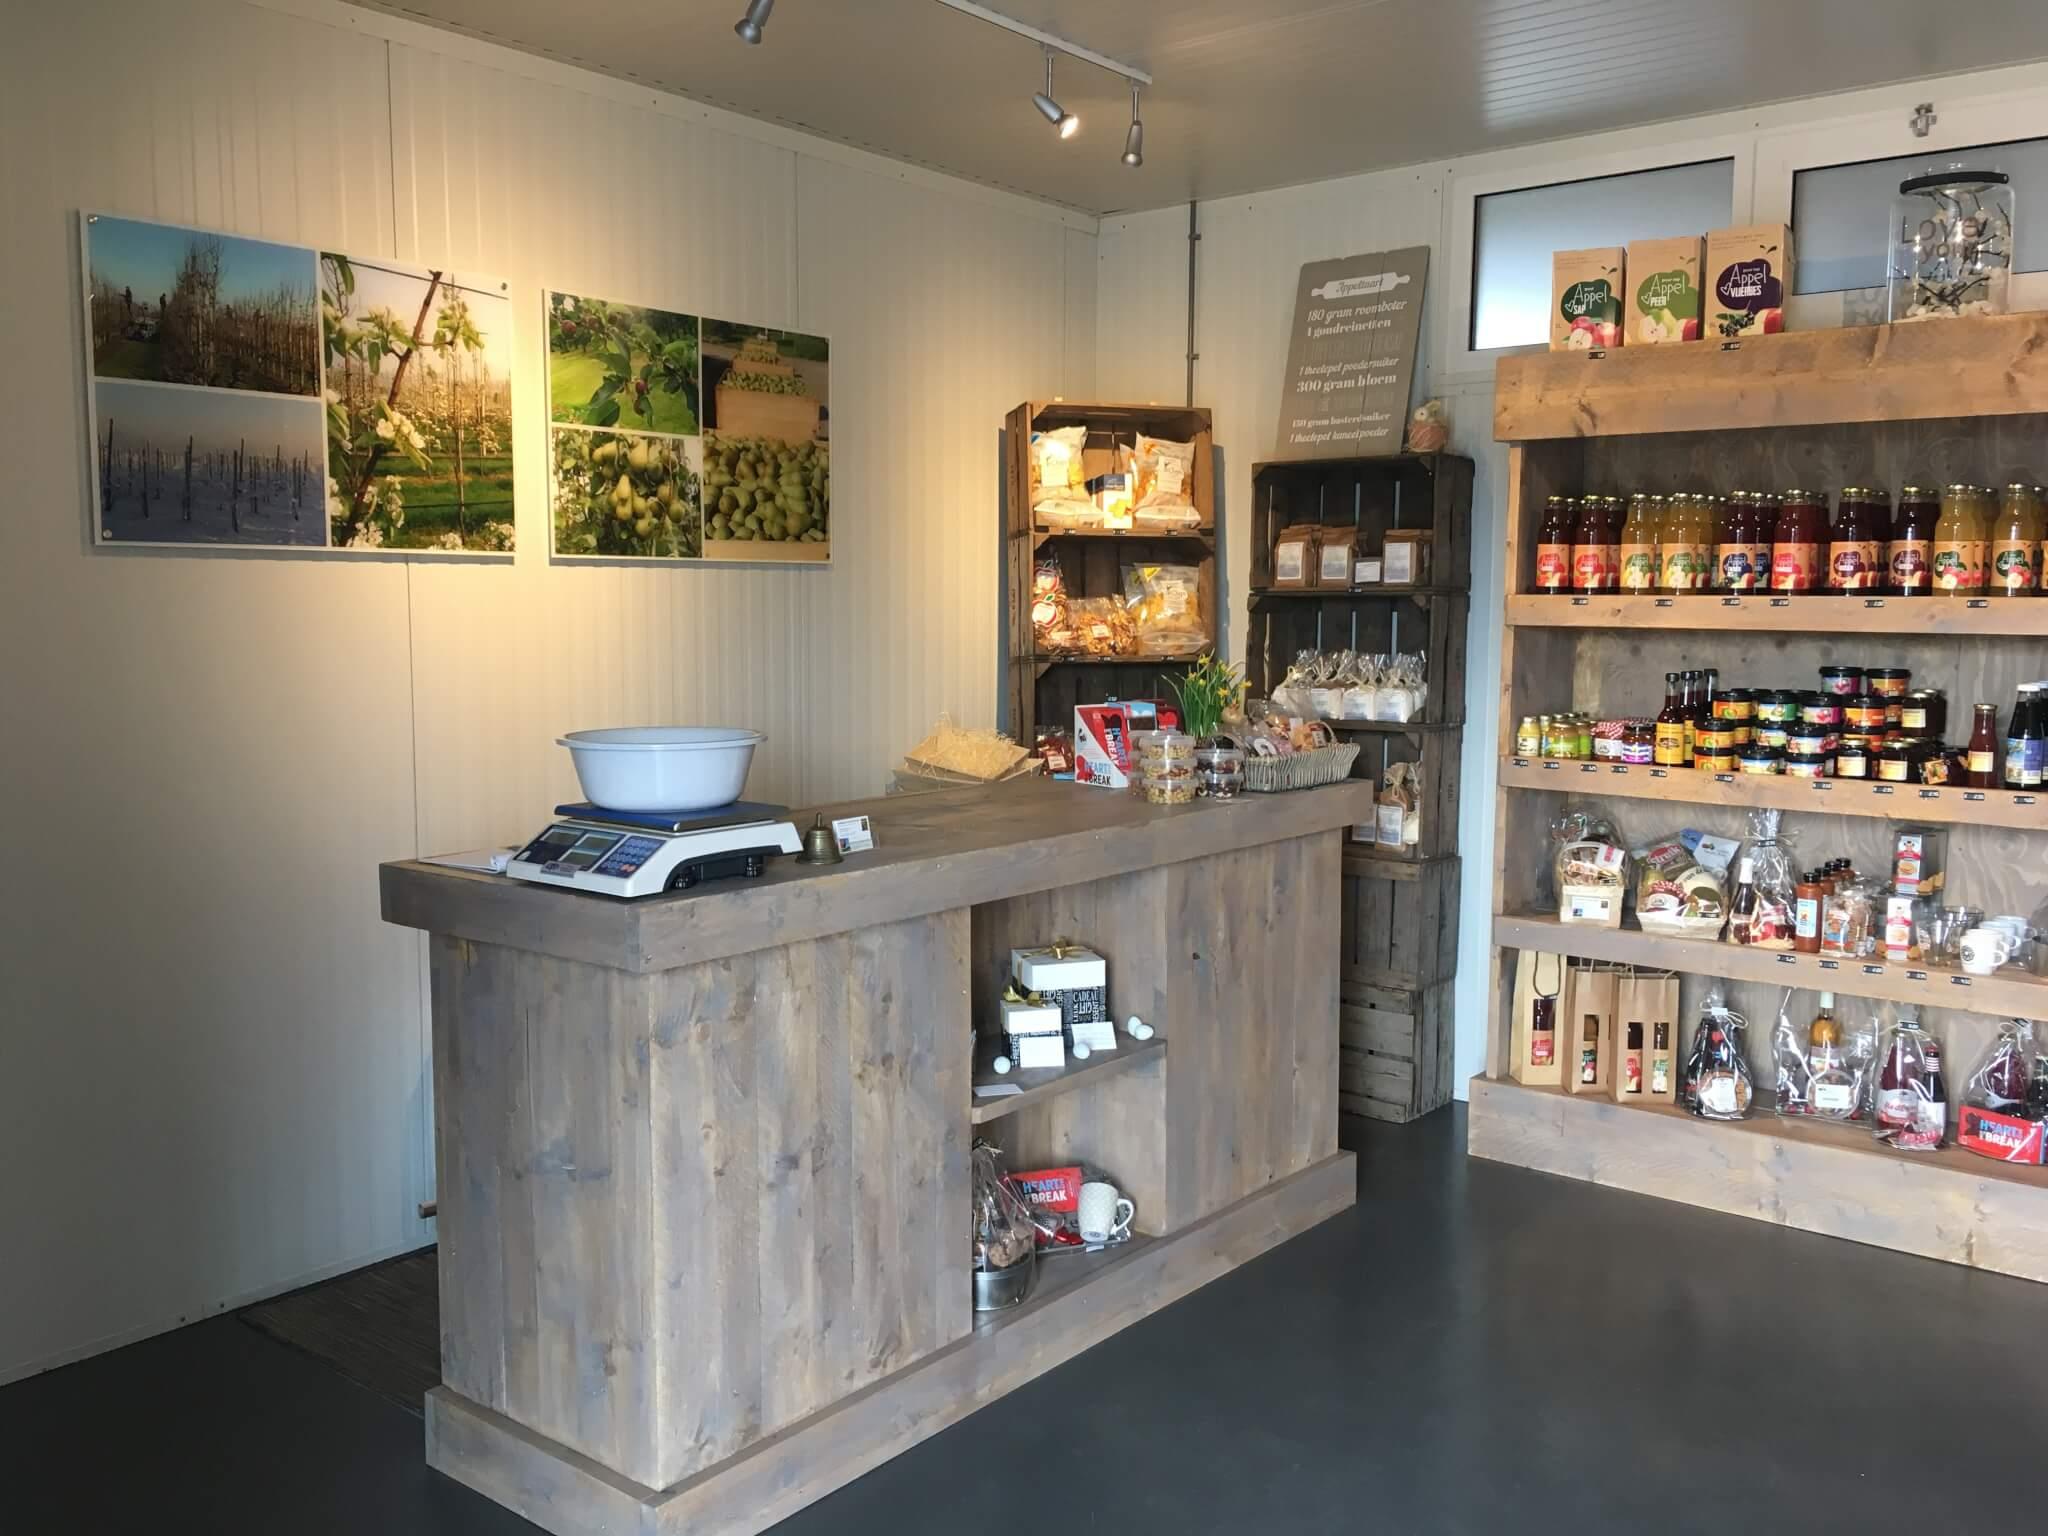 Fruitbedrijf Van den Berge_muurposters